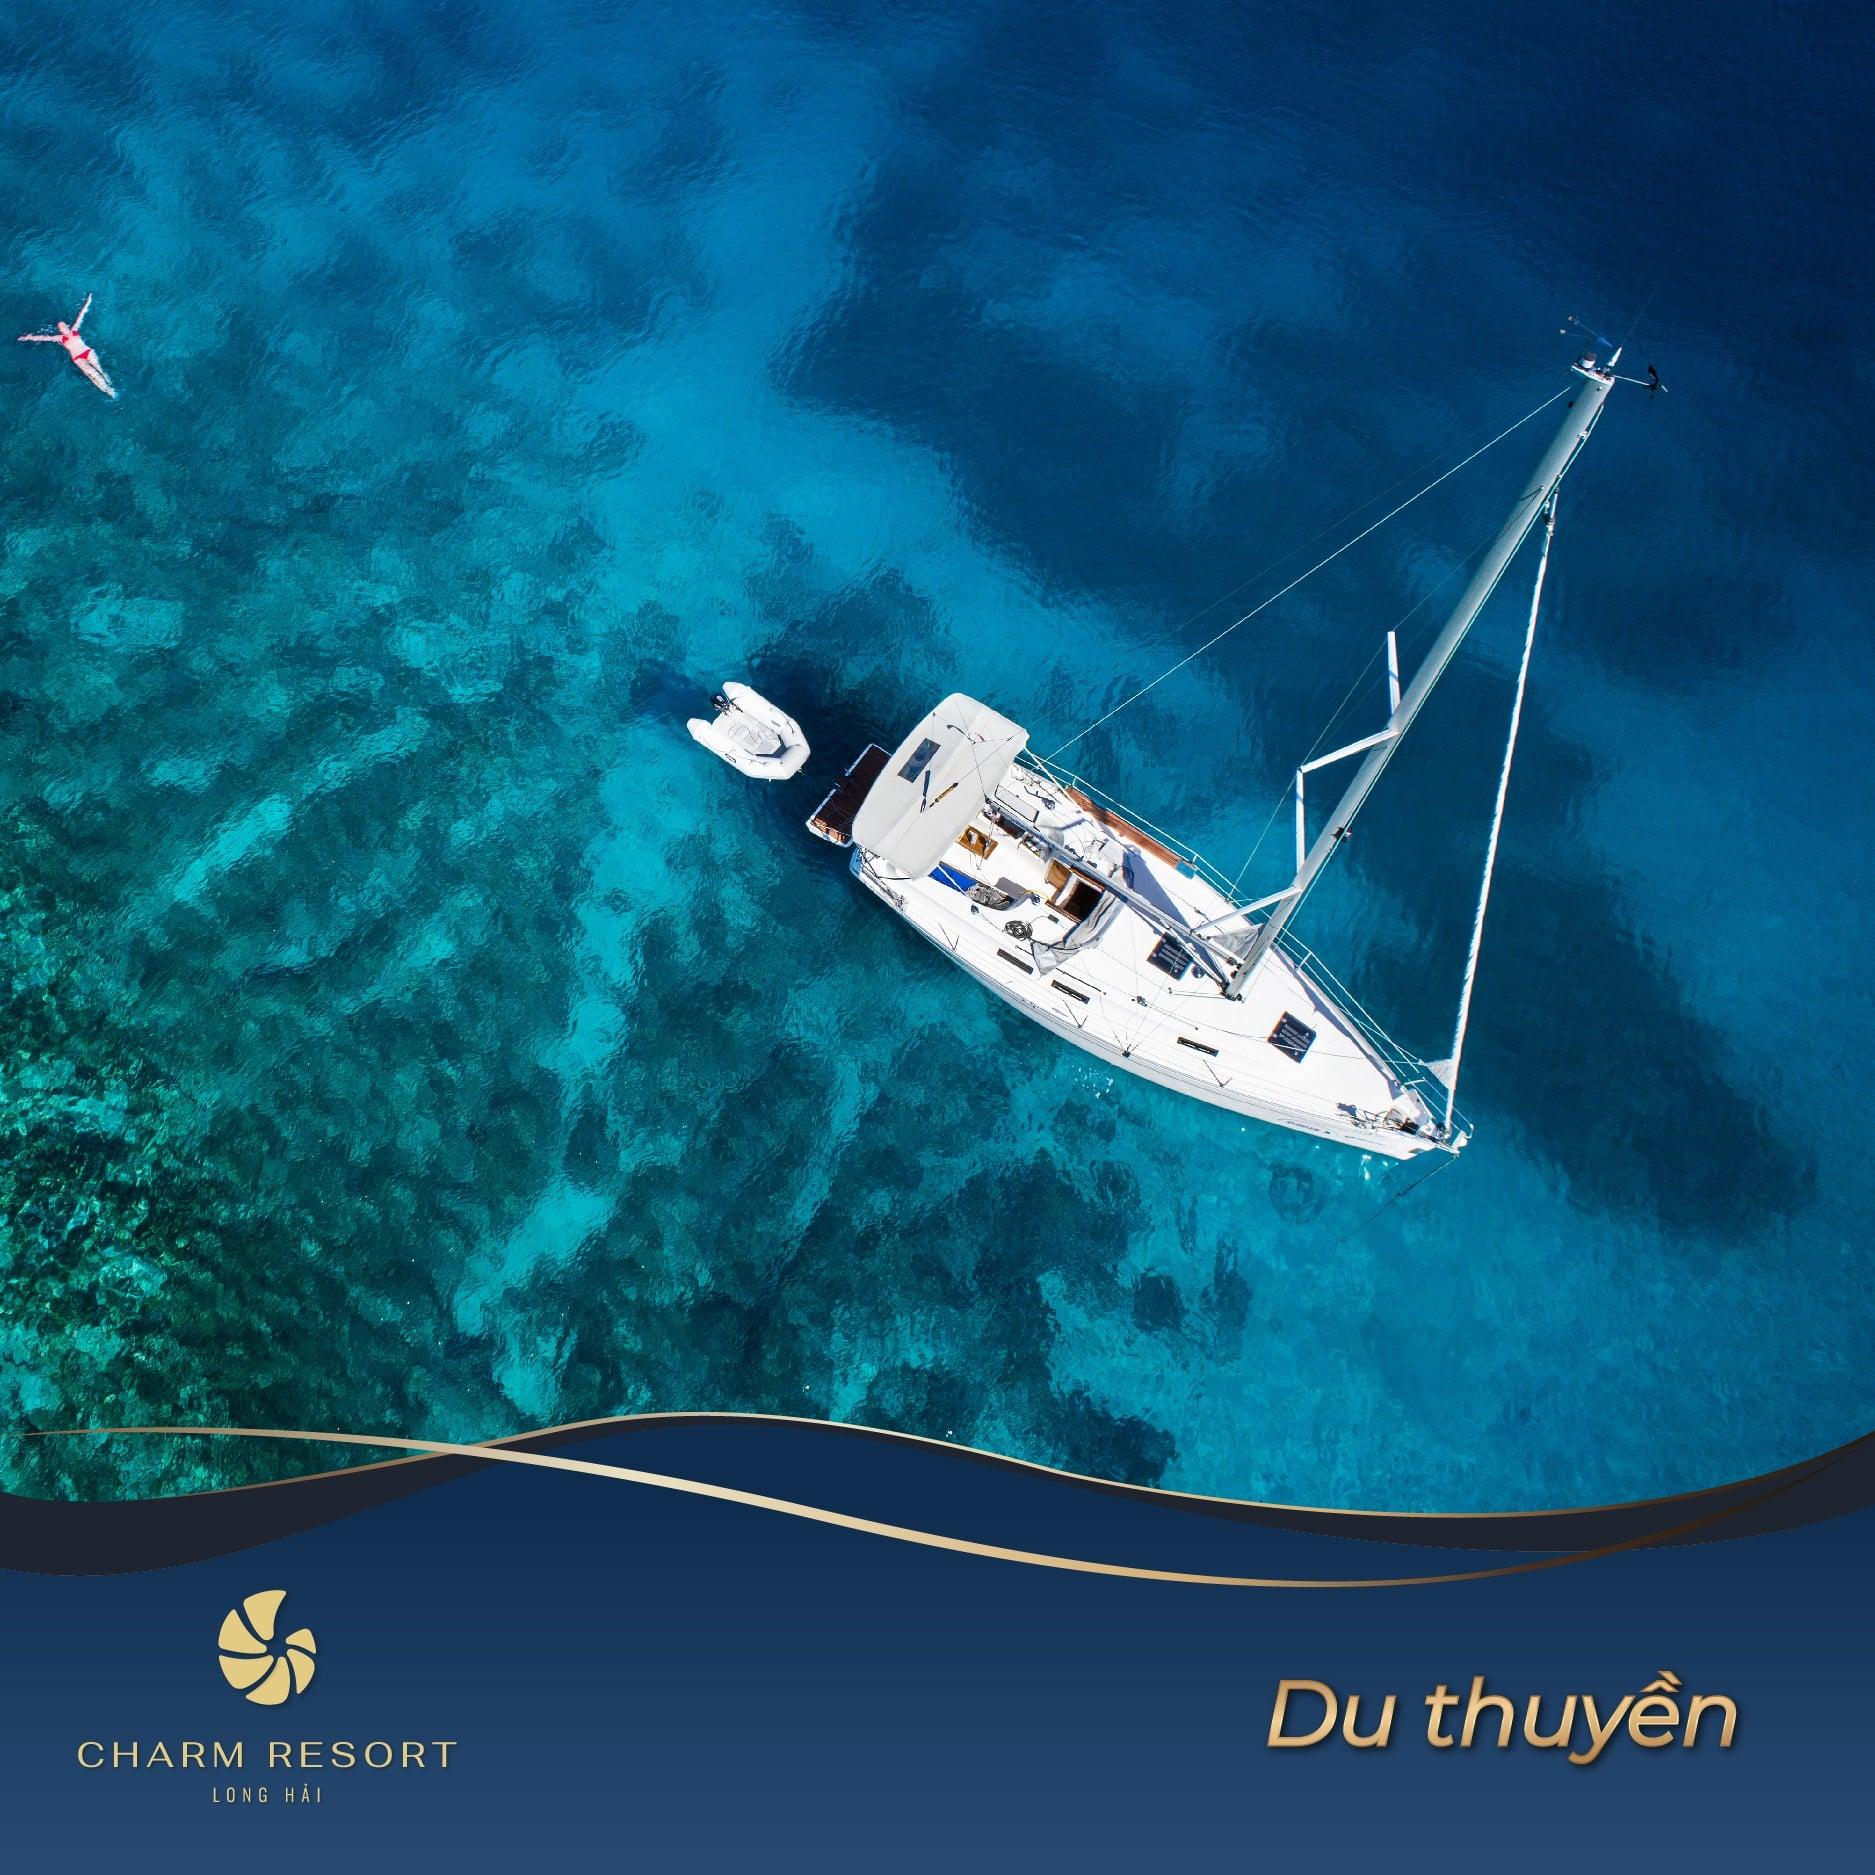 du-thuyen-charm-resort